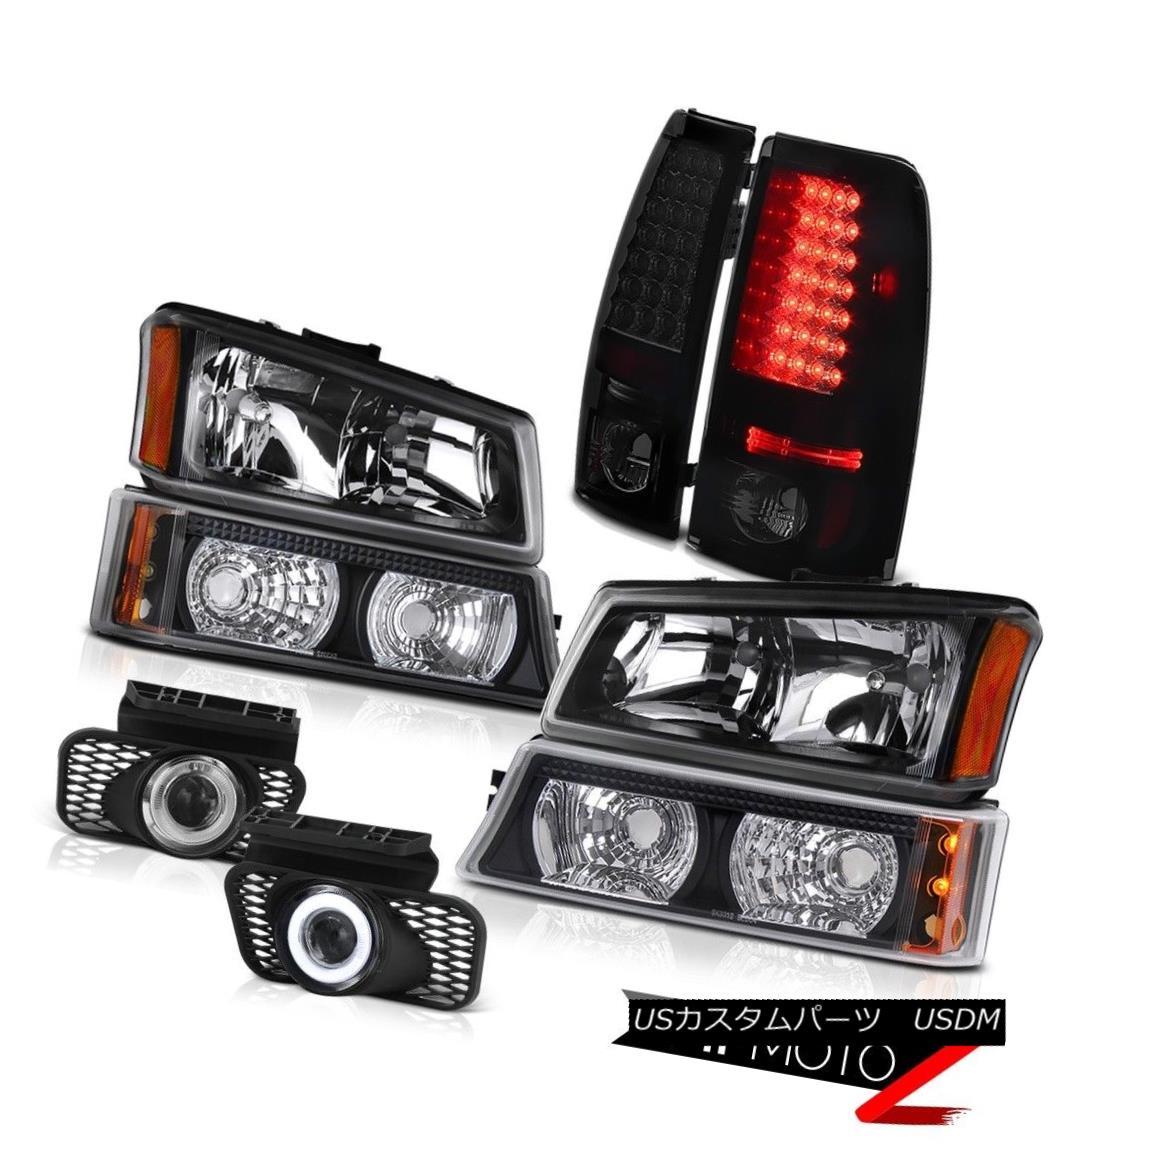 テールライト Headlights Turn Signal Parking LED Tail Lights Foglight 03 04 05 06 Silverado LT ヘッドライトターンシグナルパーキングLEDテールライトFoglight 03 04 05 06 Silverado LT